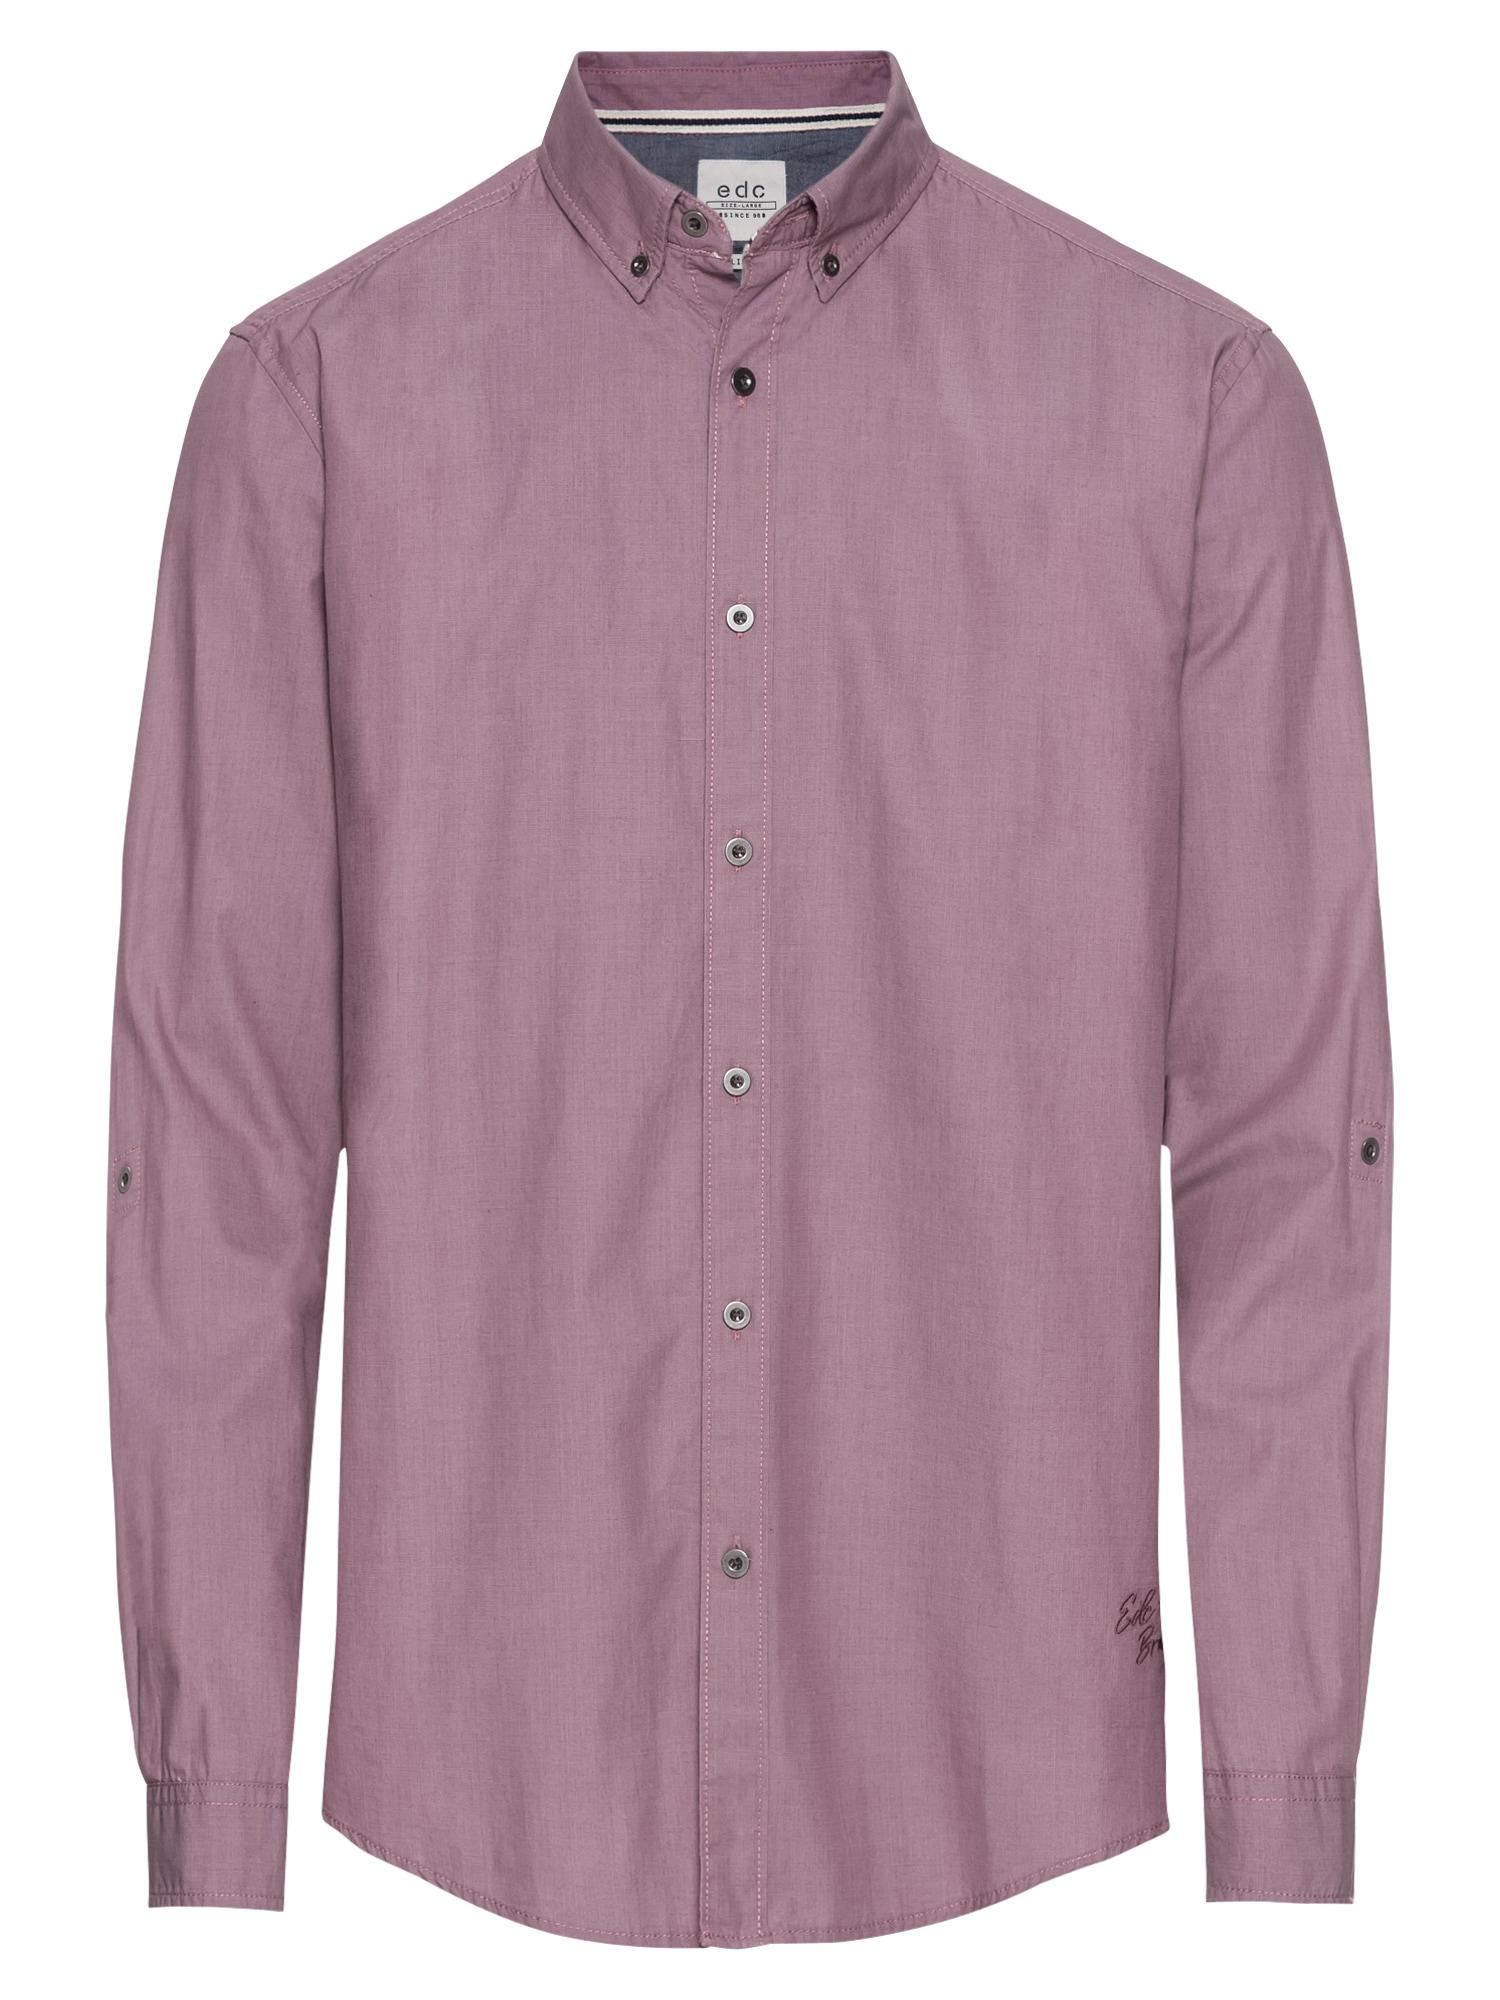 Košile blotched chambr starorůžová EDC BY ESPRIT